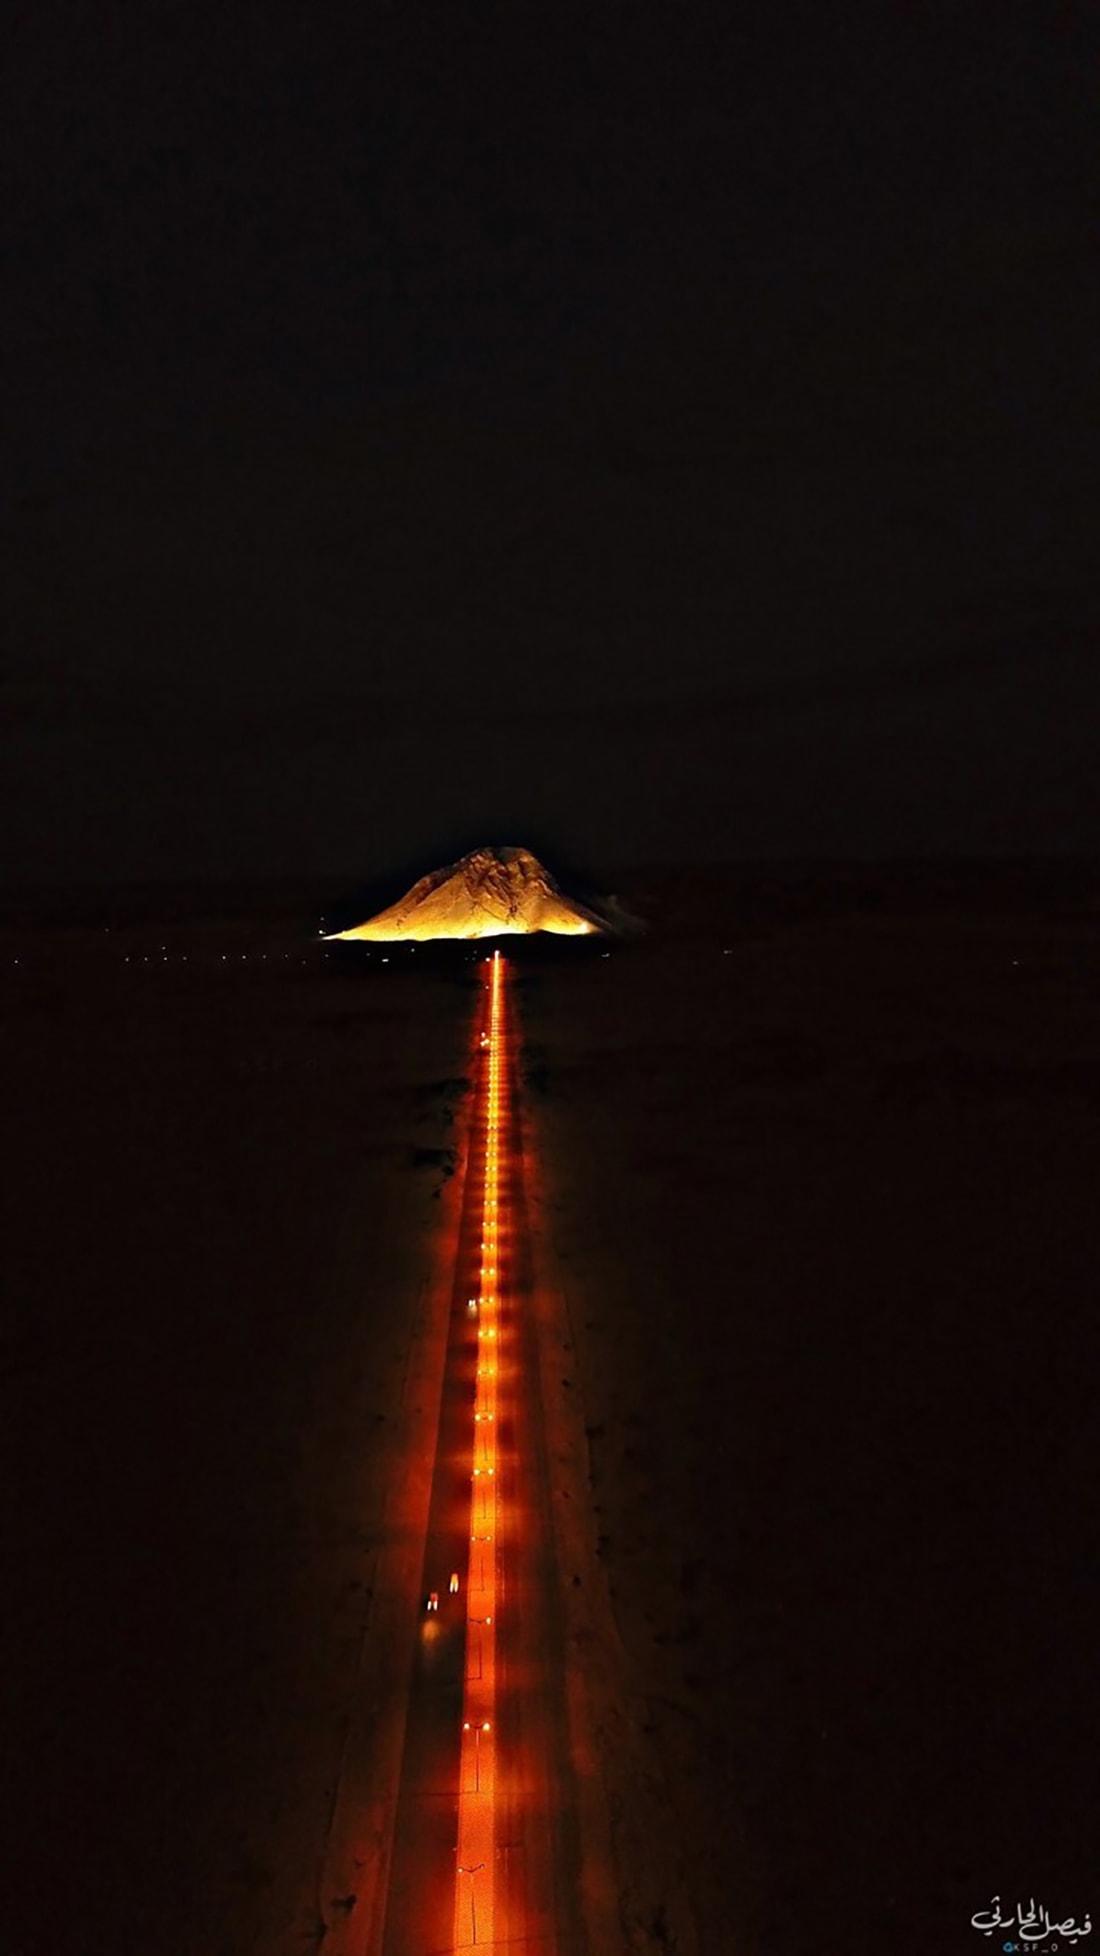 جبل الصايرة البيضاء في السعودية